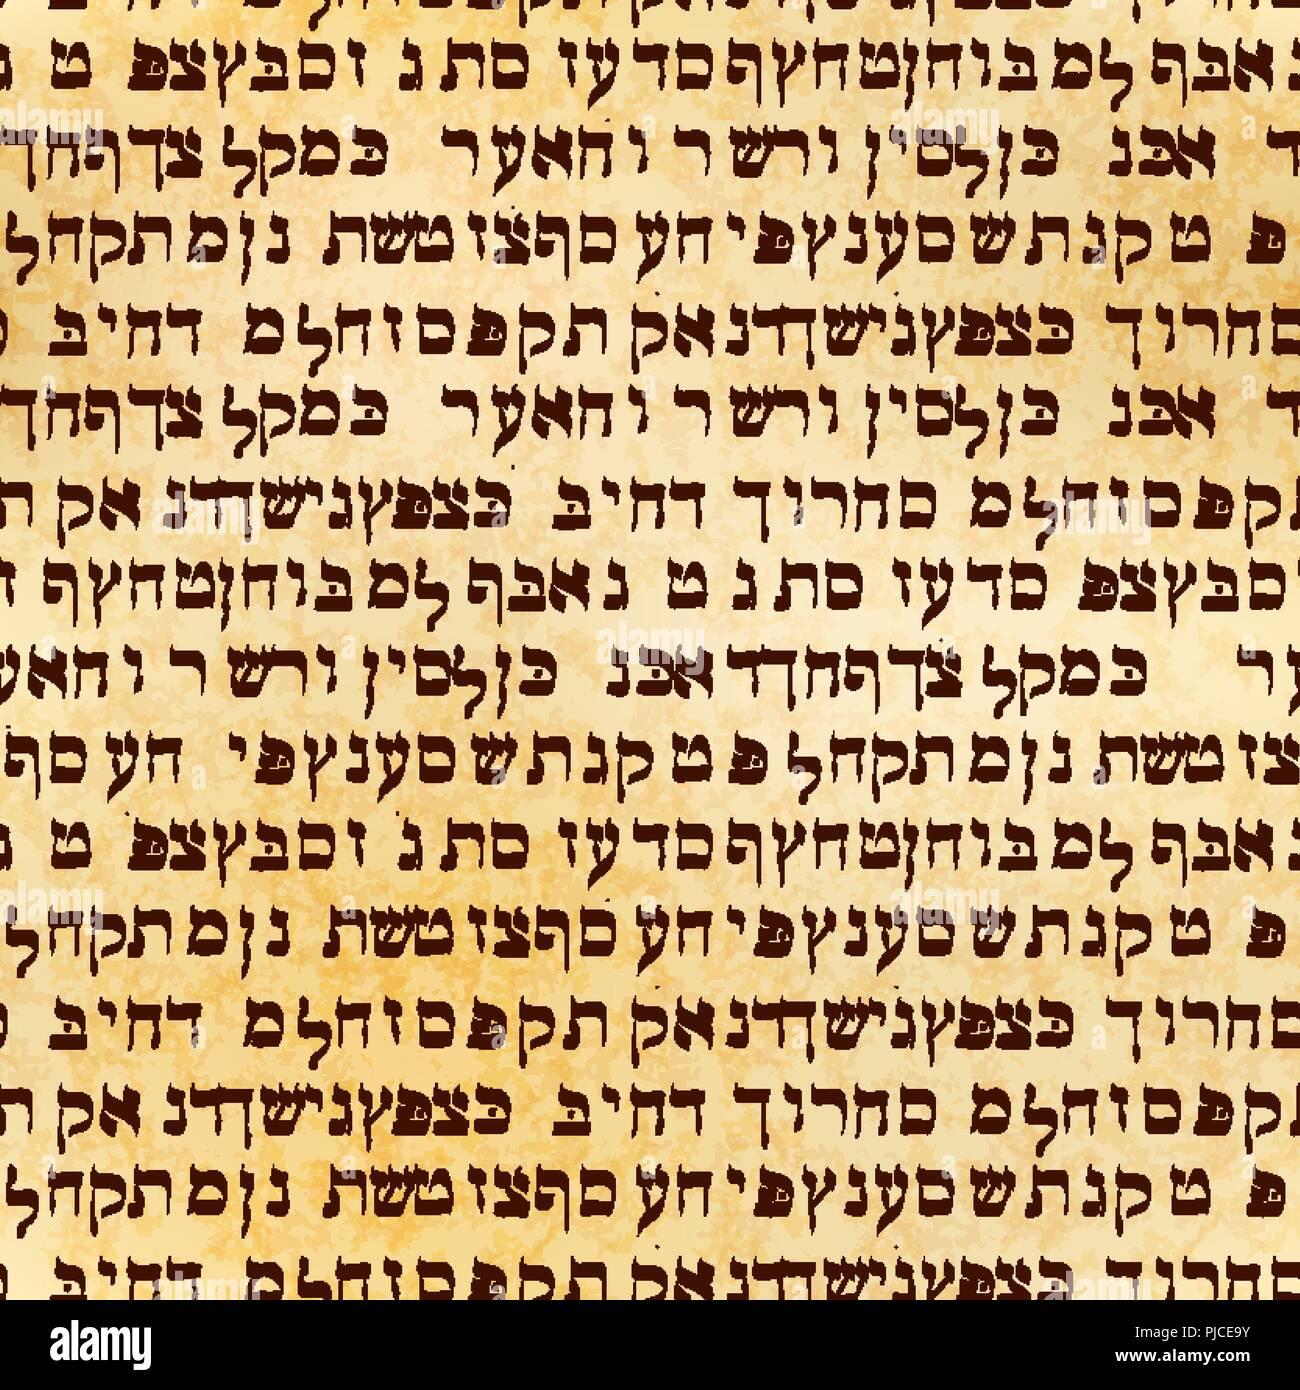 Hebrew Manuscript Stock Photos & Hebrew Manuscript Stock Images - Alamy